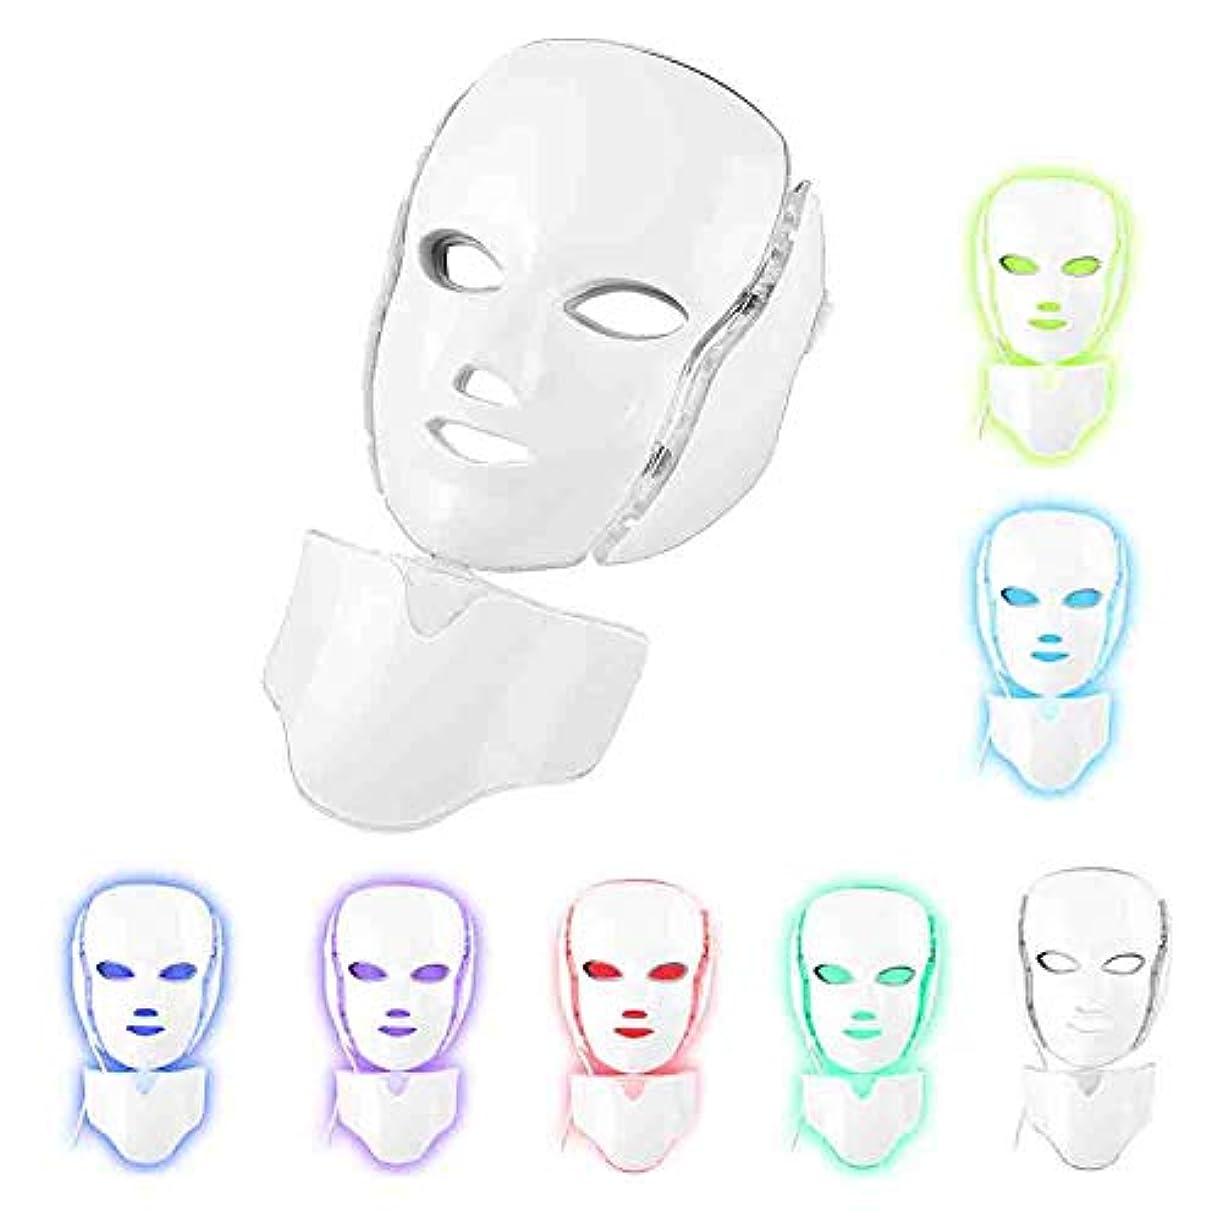 十年可聴スペシャリストライトセラピーフェイス7色のにきび治療が主導フォトンは、インストゥルメントをマスクネックとエイジングフェイシャル・スキンケアアンチマスクマスク